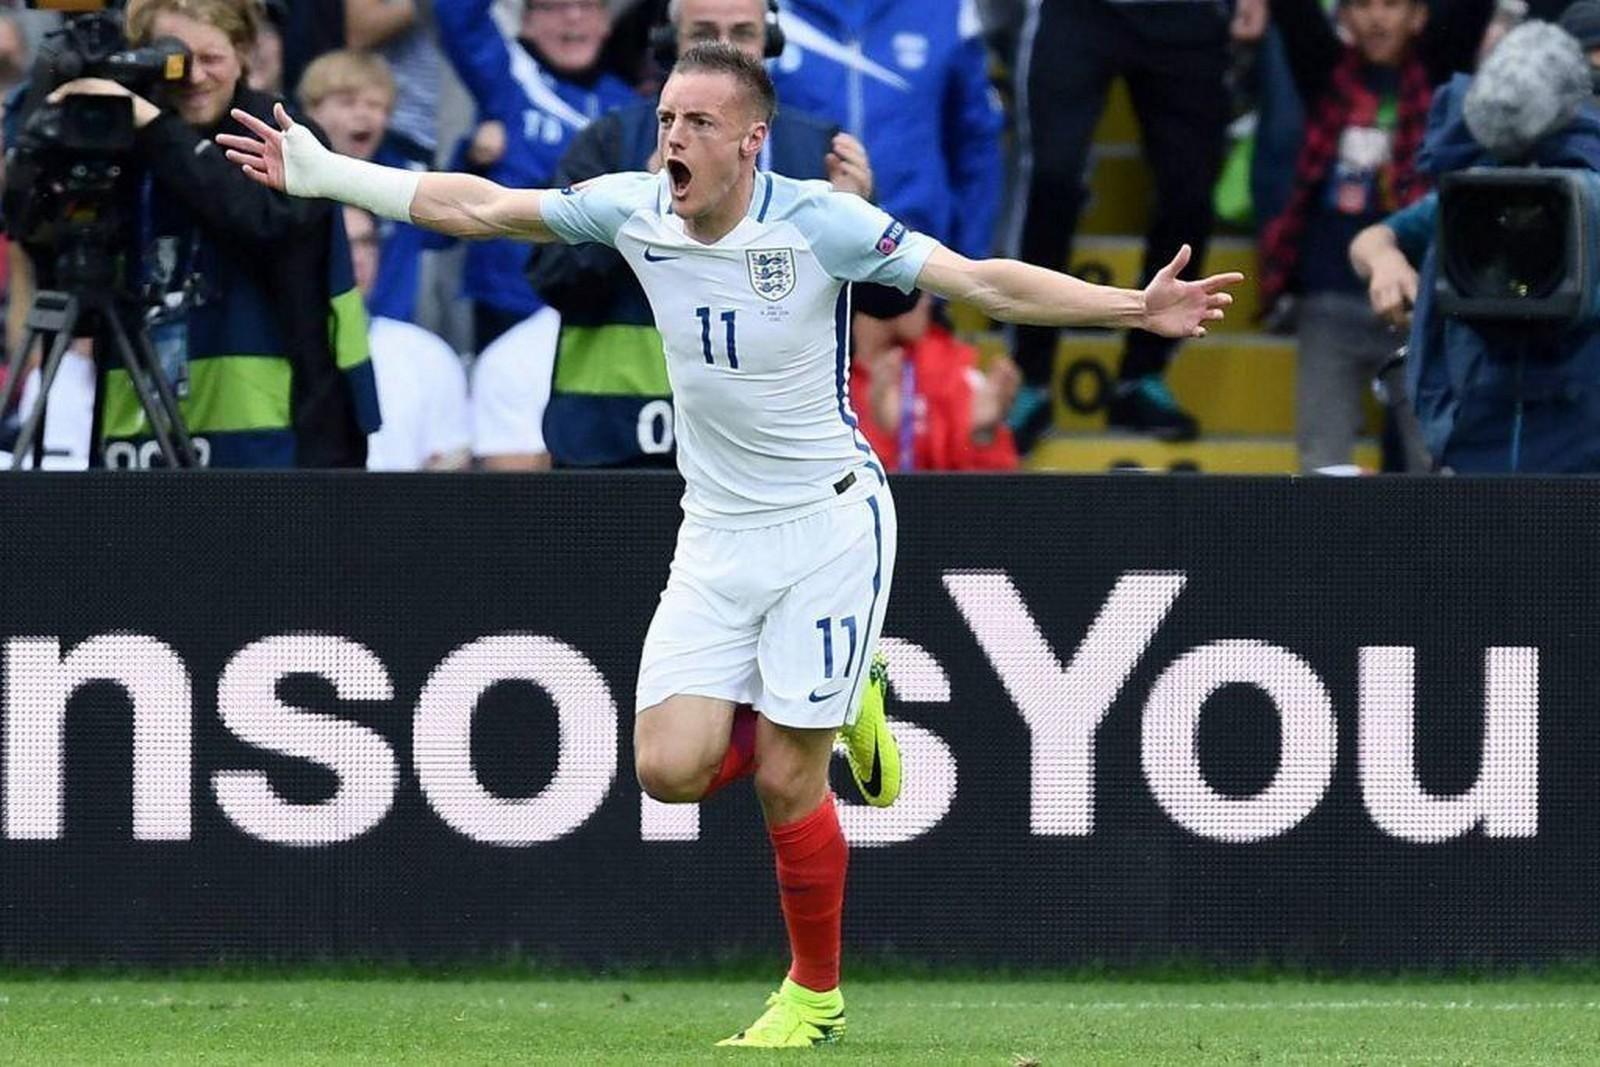 Jubelt Jamie Vardy wieder für England? Jetzt auf Tunesien gegen England wetten!